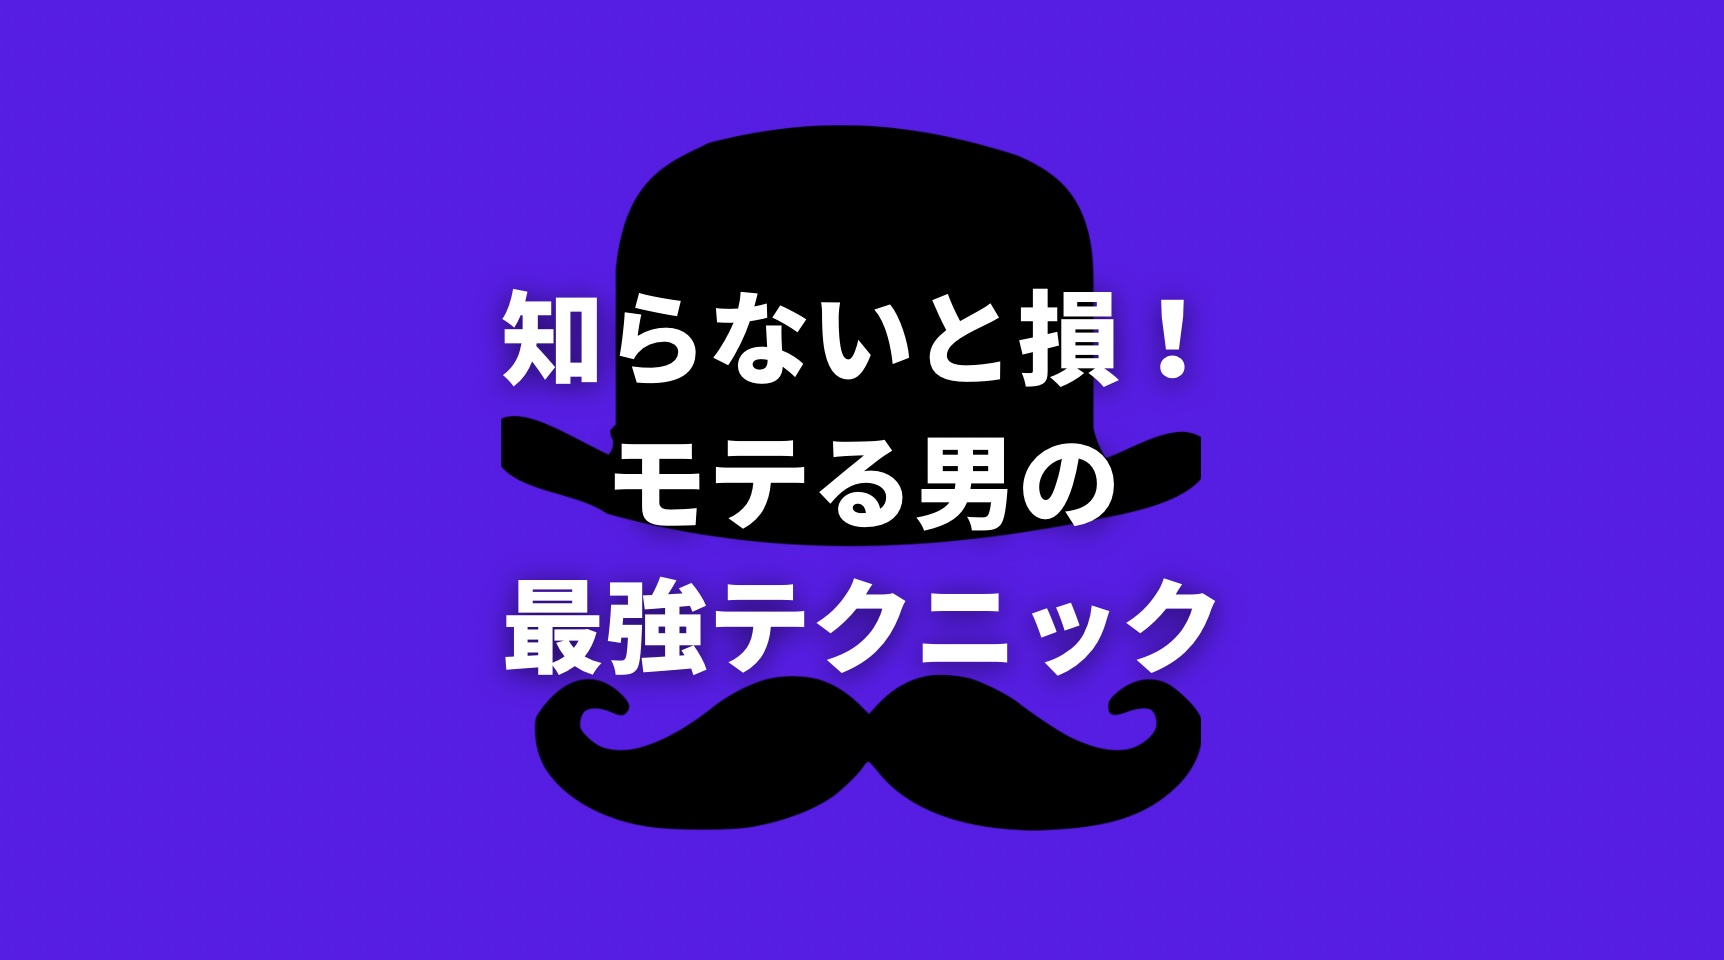 男性必見|【モテる男が使う3つのテクニック】とは?!